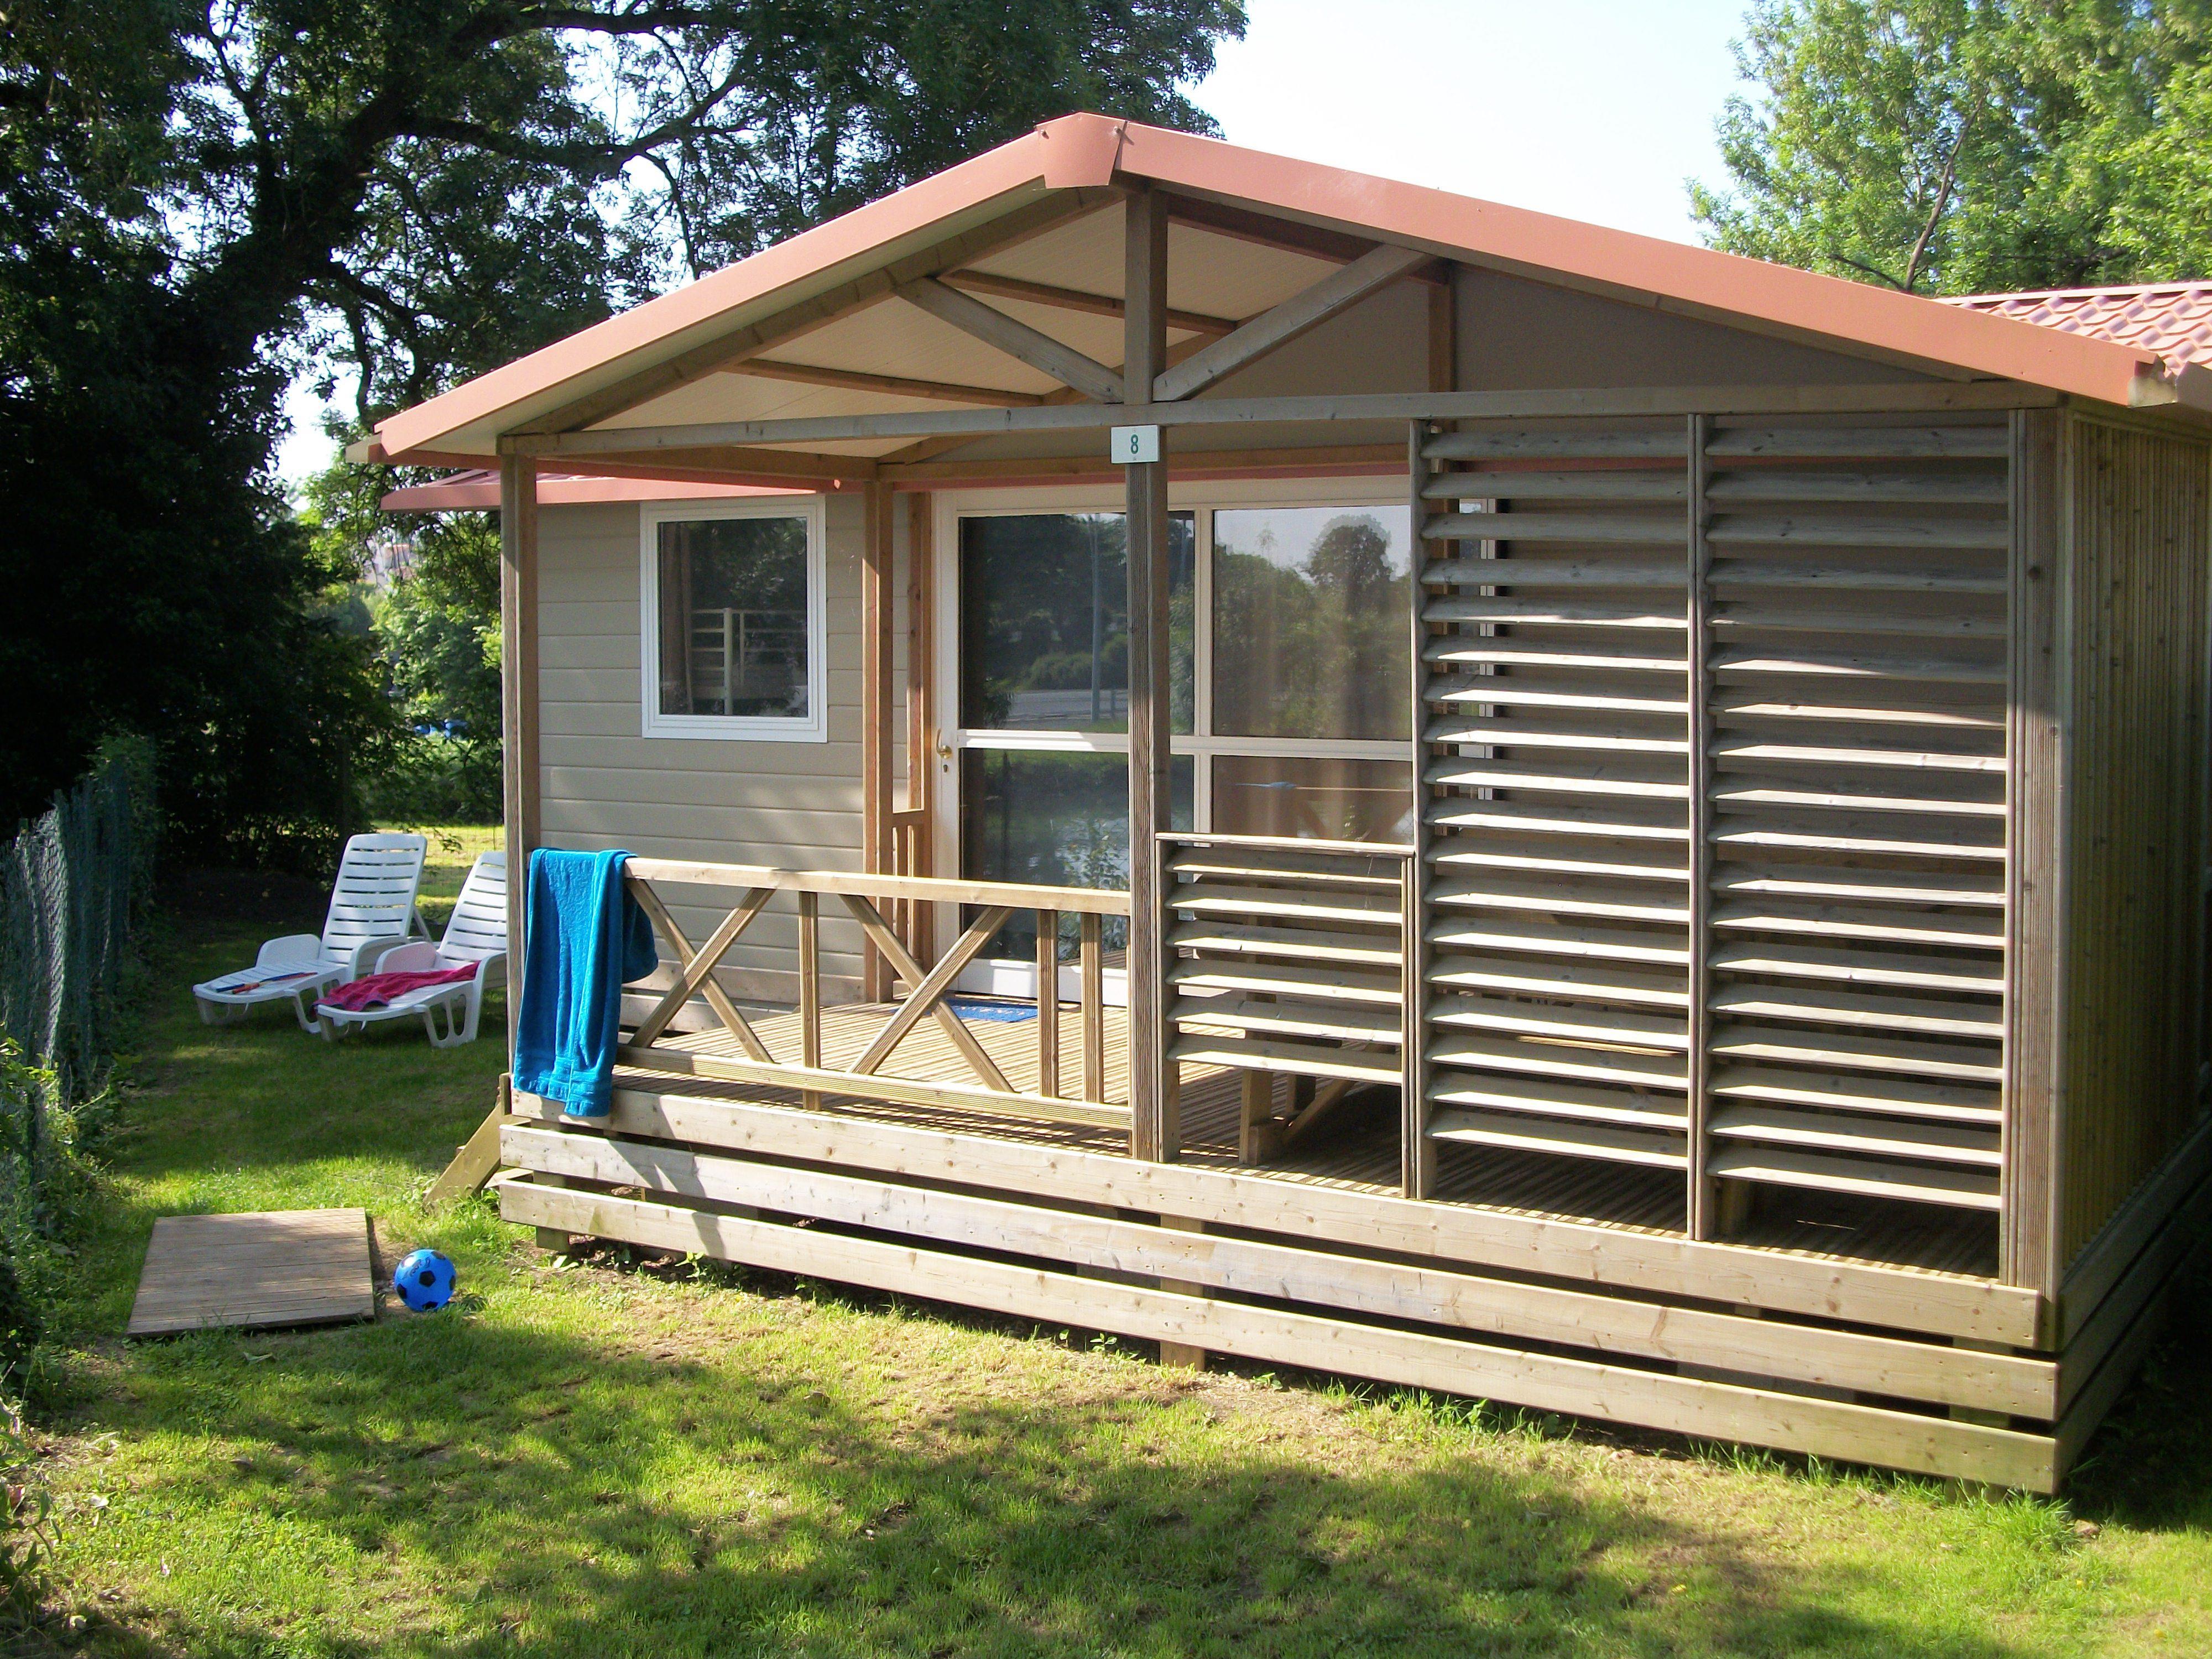 Location - Chalet Samoa 35M² - Camping de la Gères